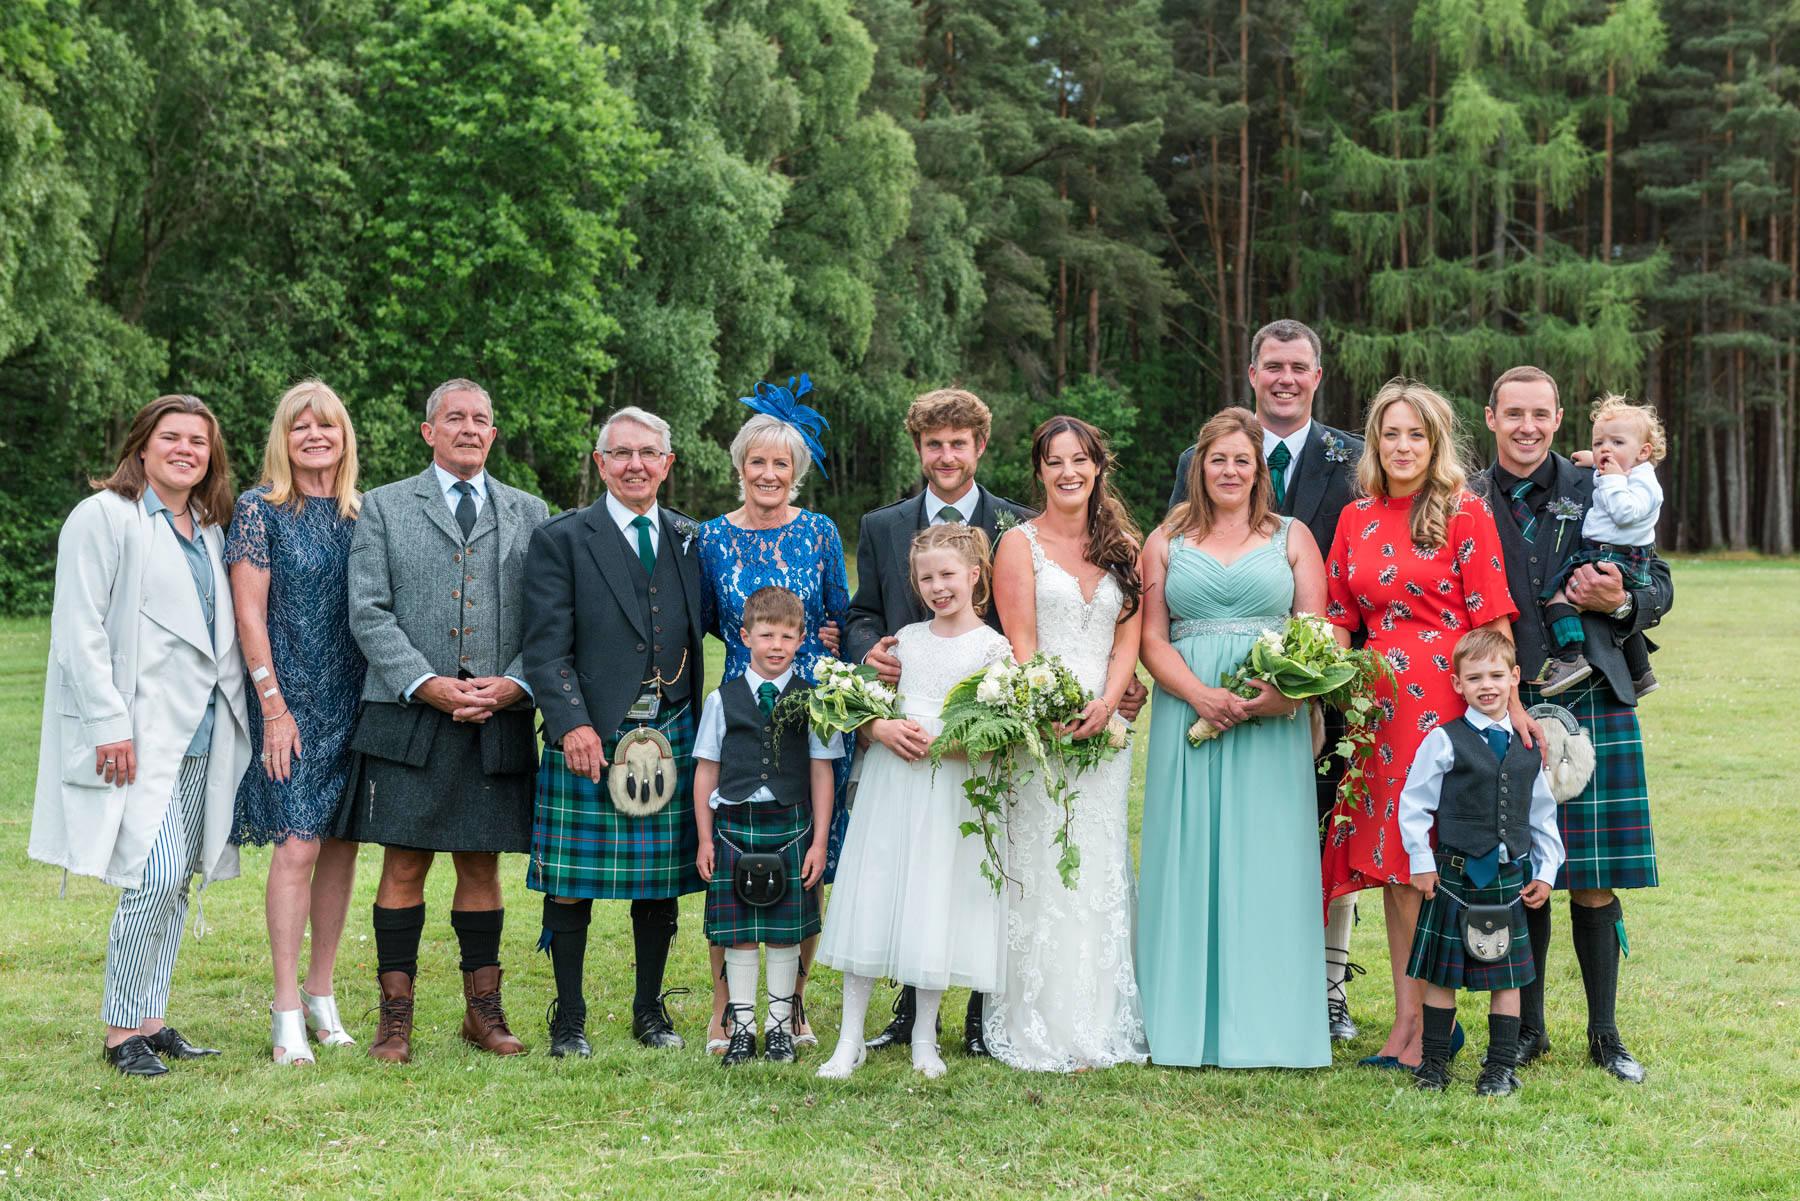 TFArden_wedding_064.jpg